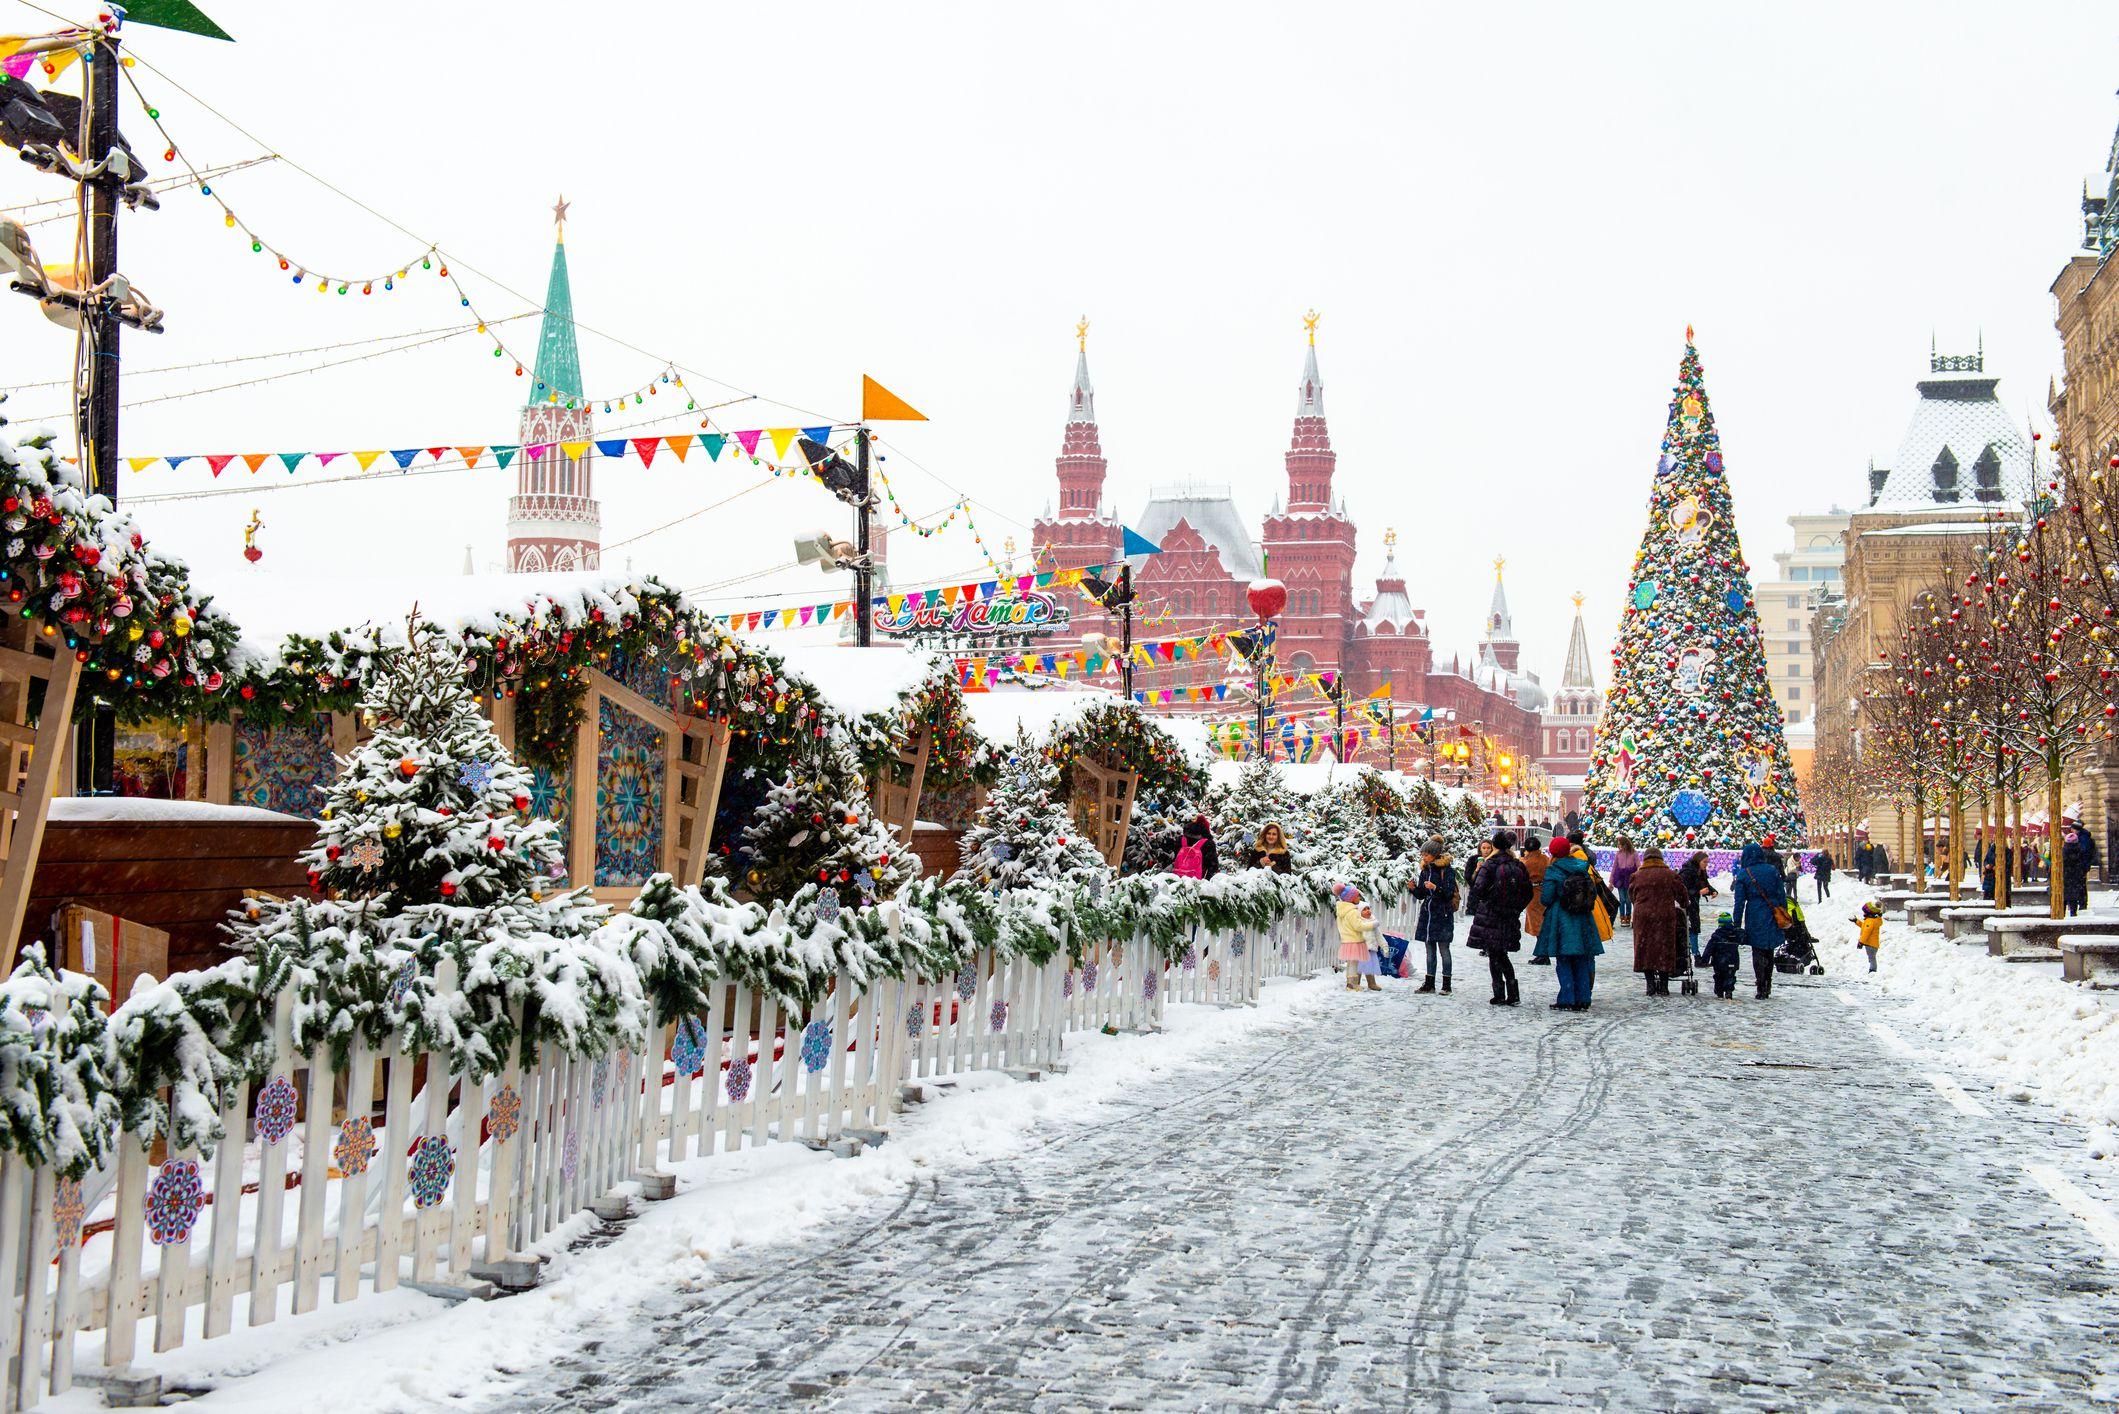 Quảng trường Đỏ Snowy ở Moscow.  Mọi người chuẩn bị cho Giáng sinh và Năm mới.  Mùa đông đi bộ trên đường phố.